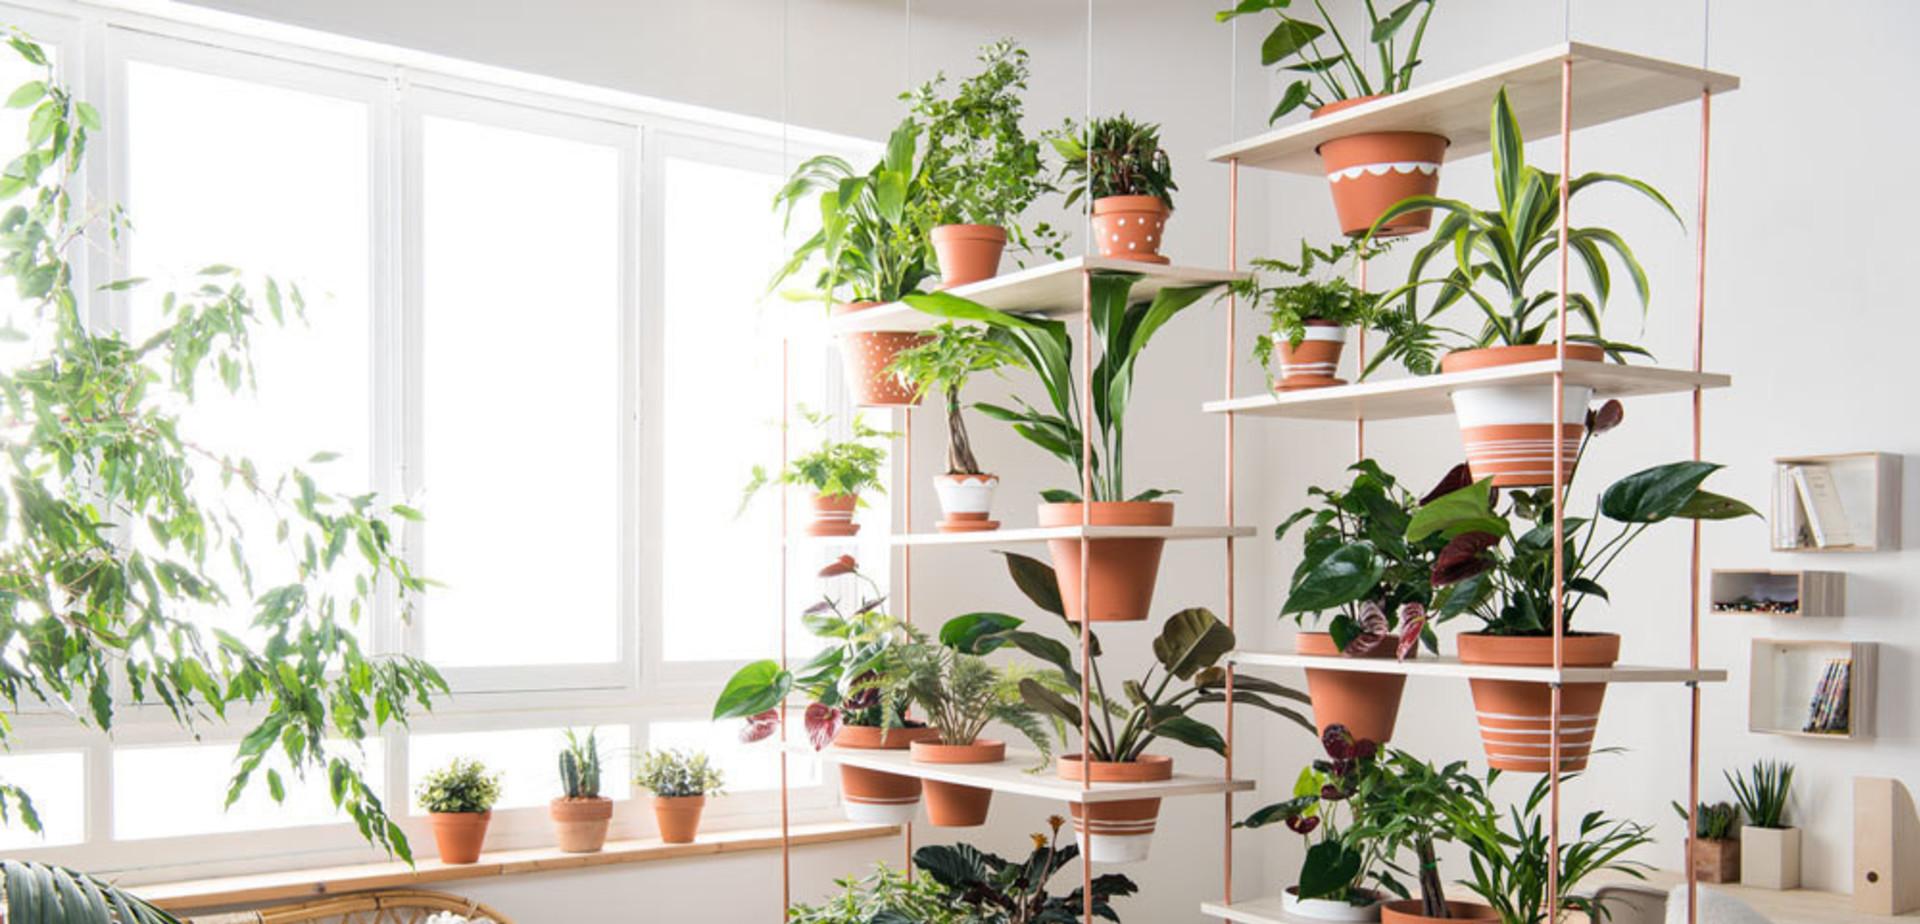 Découvrez ici les étapes pour réaliser un mur végétal. Le mur végétal? C'est la solution idéale pour couper une pièce en deux avec légèreté